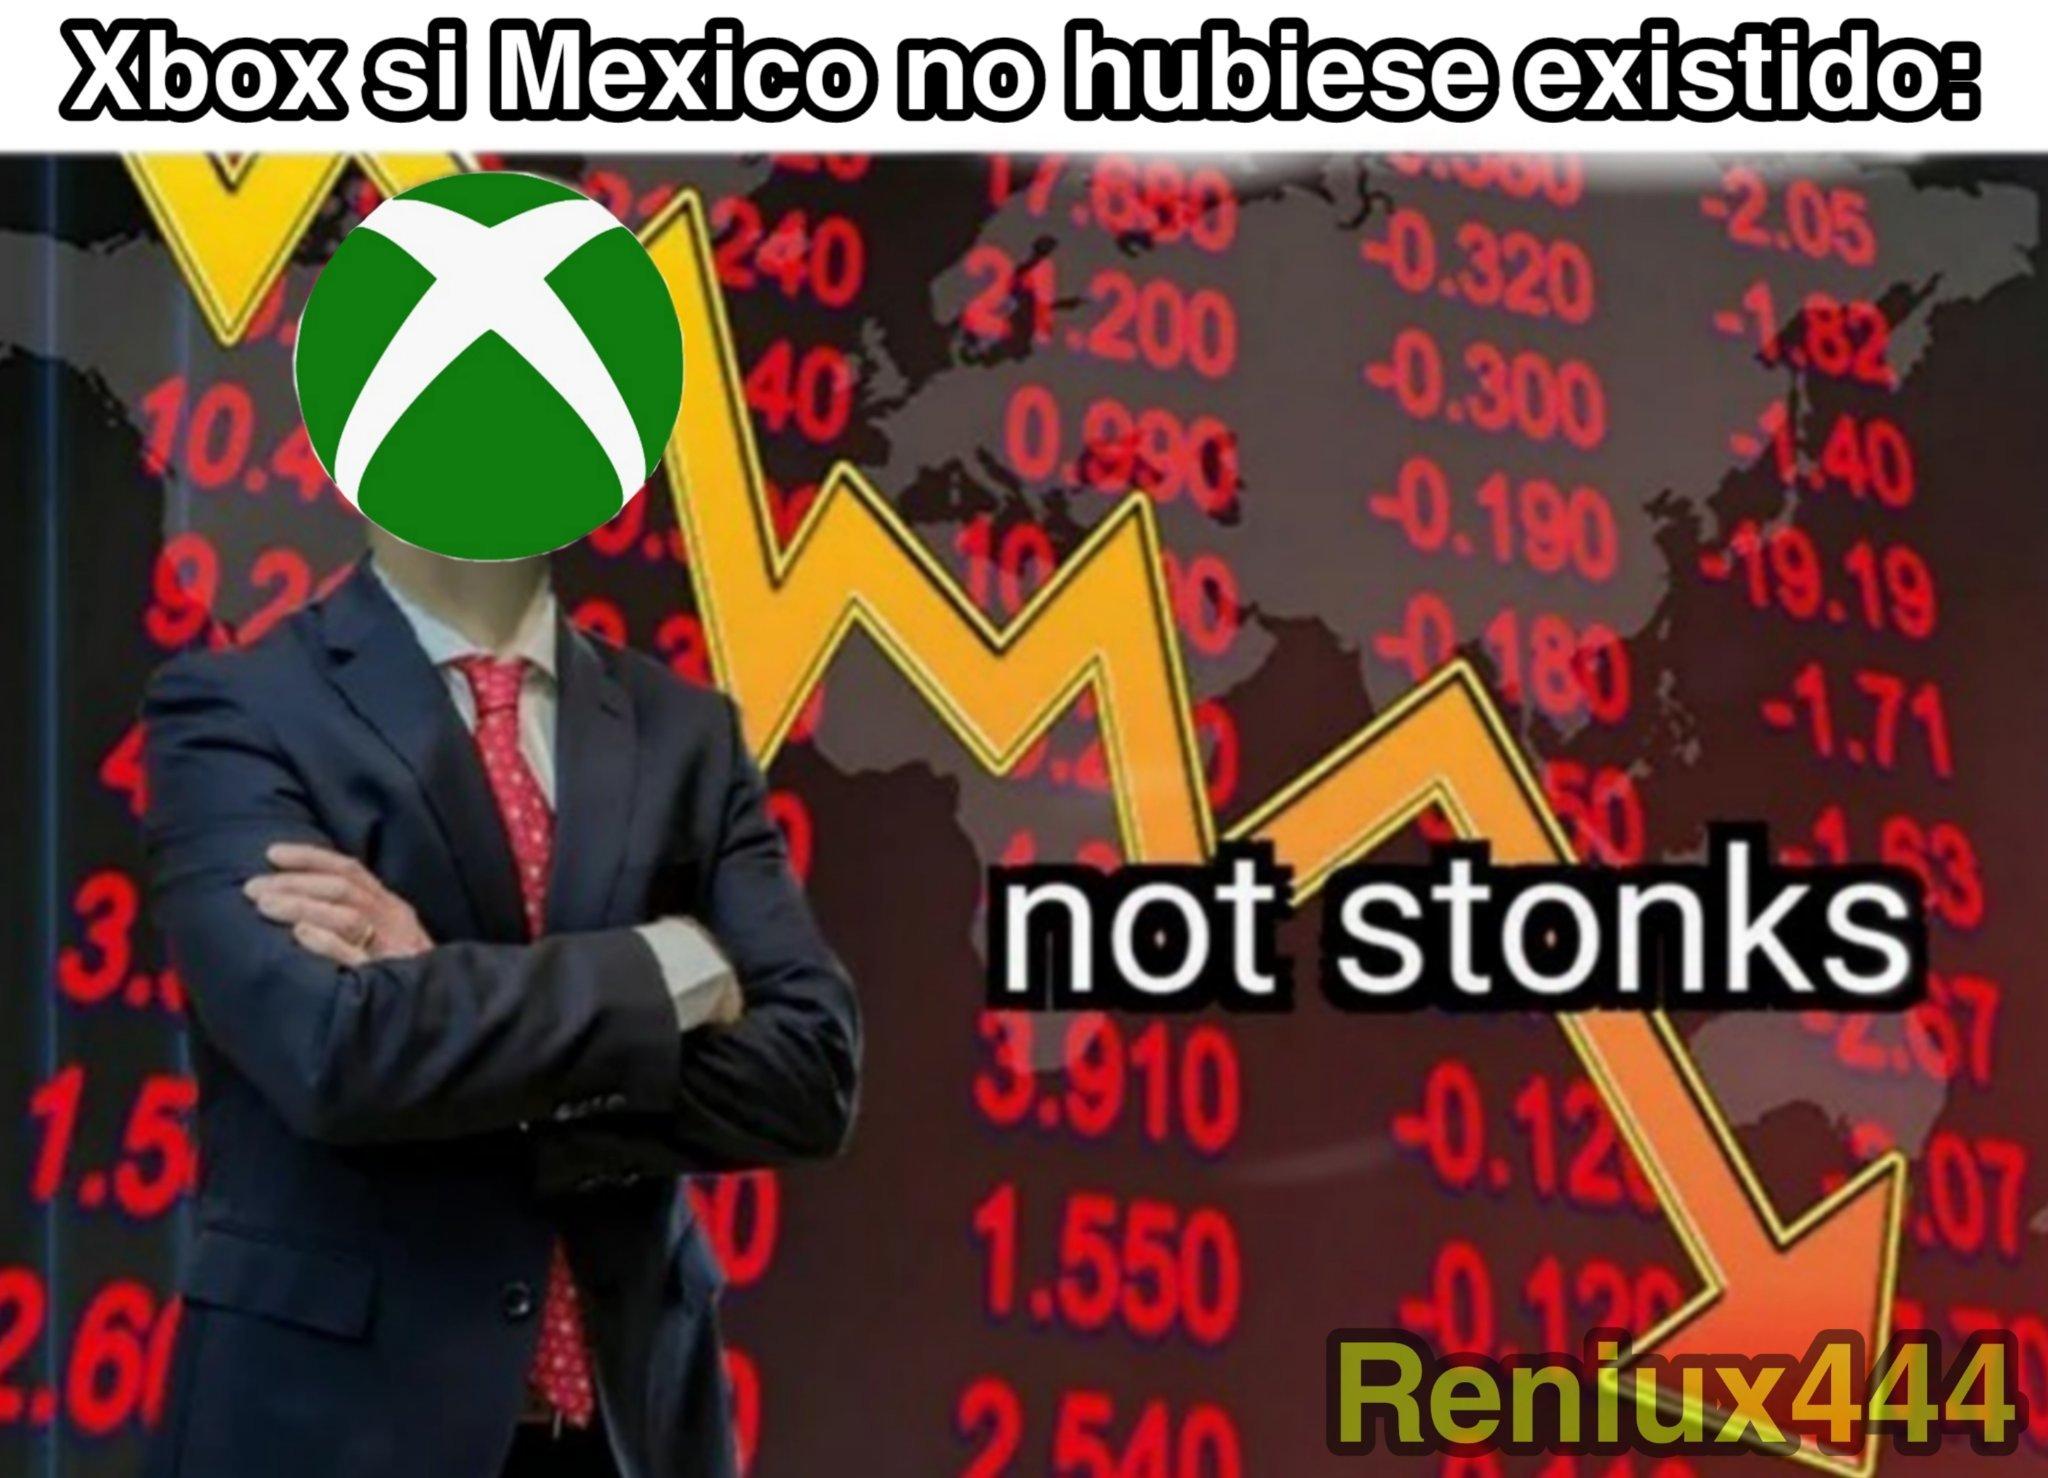 Contexto: La mayoria de xboxers son Mexicanos - meme